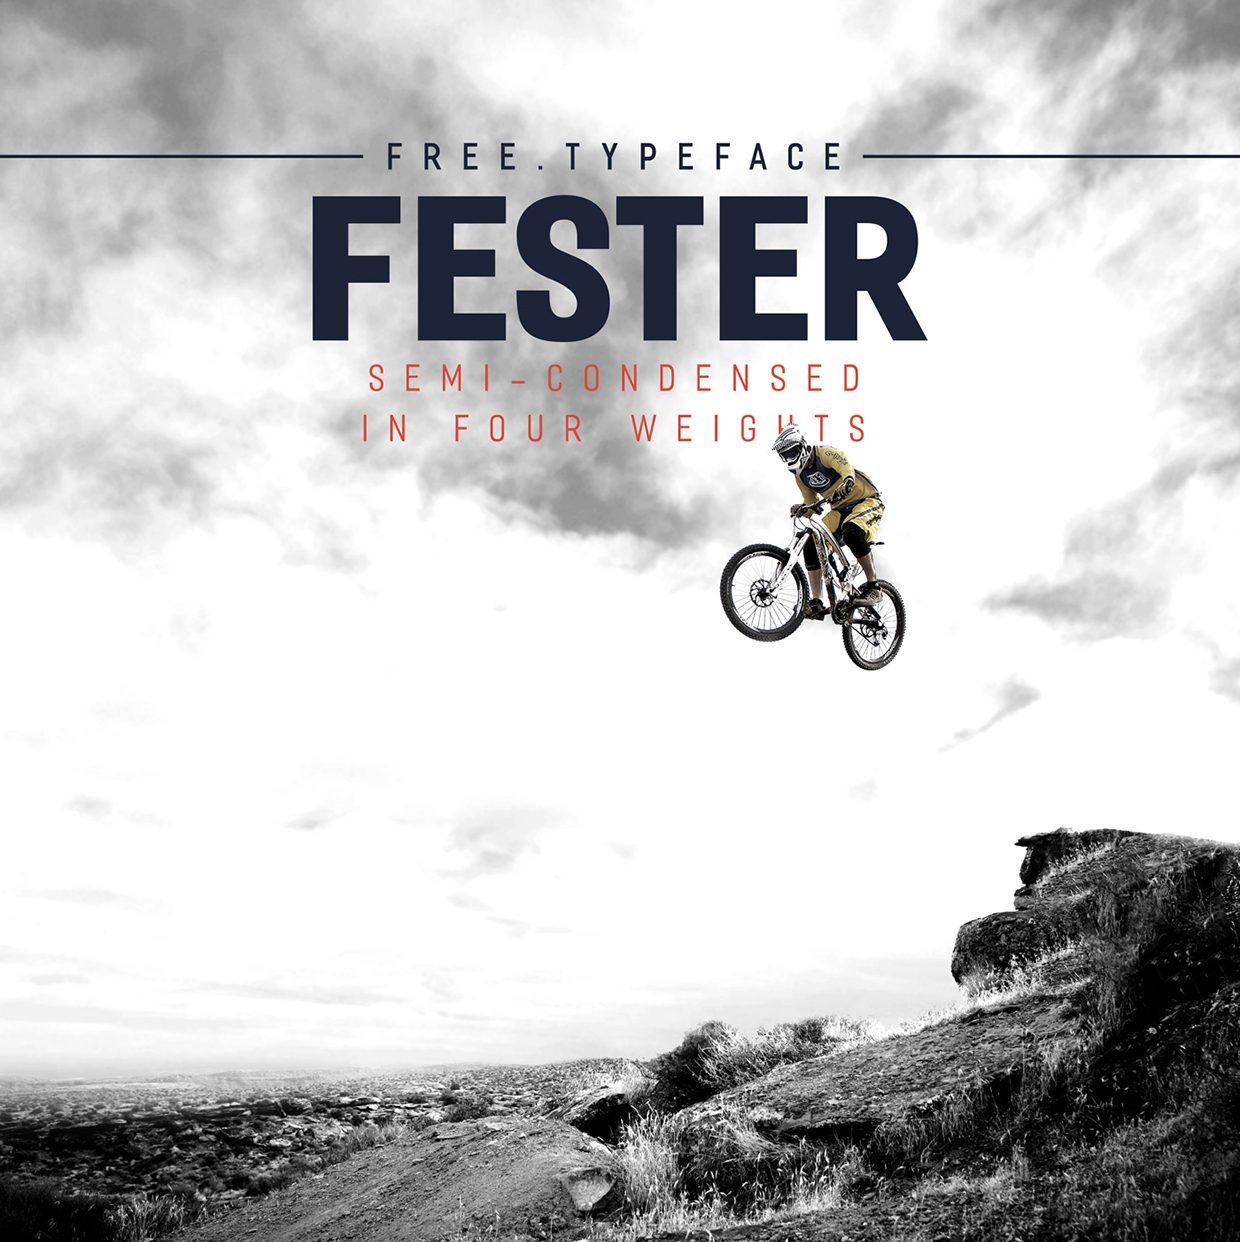 Fester-Semi-condensedMedium font